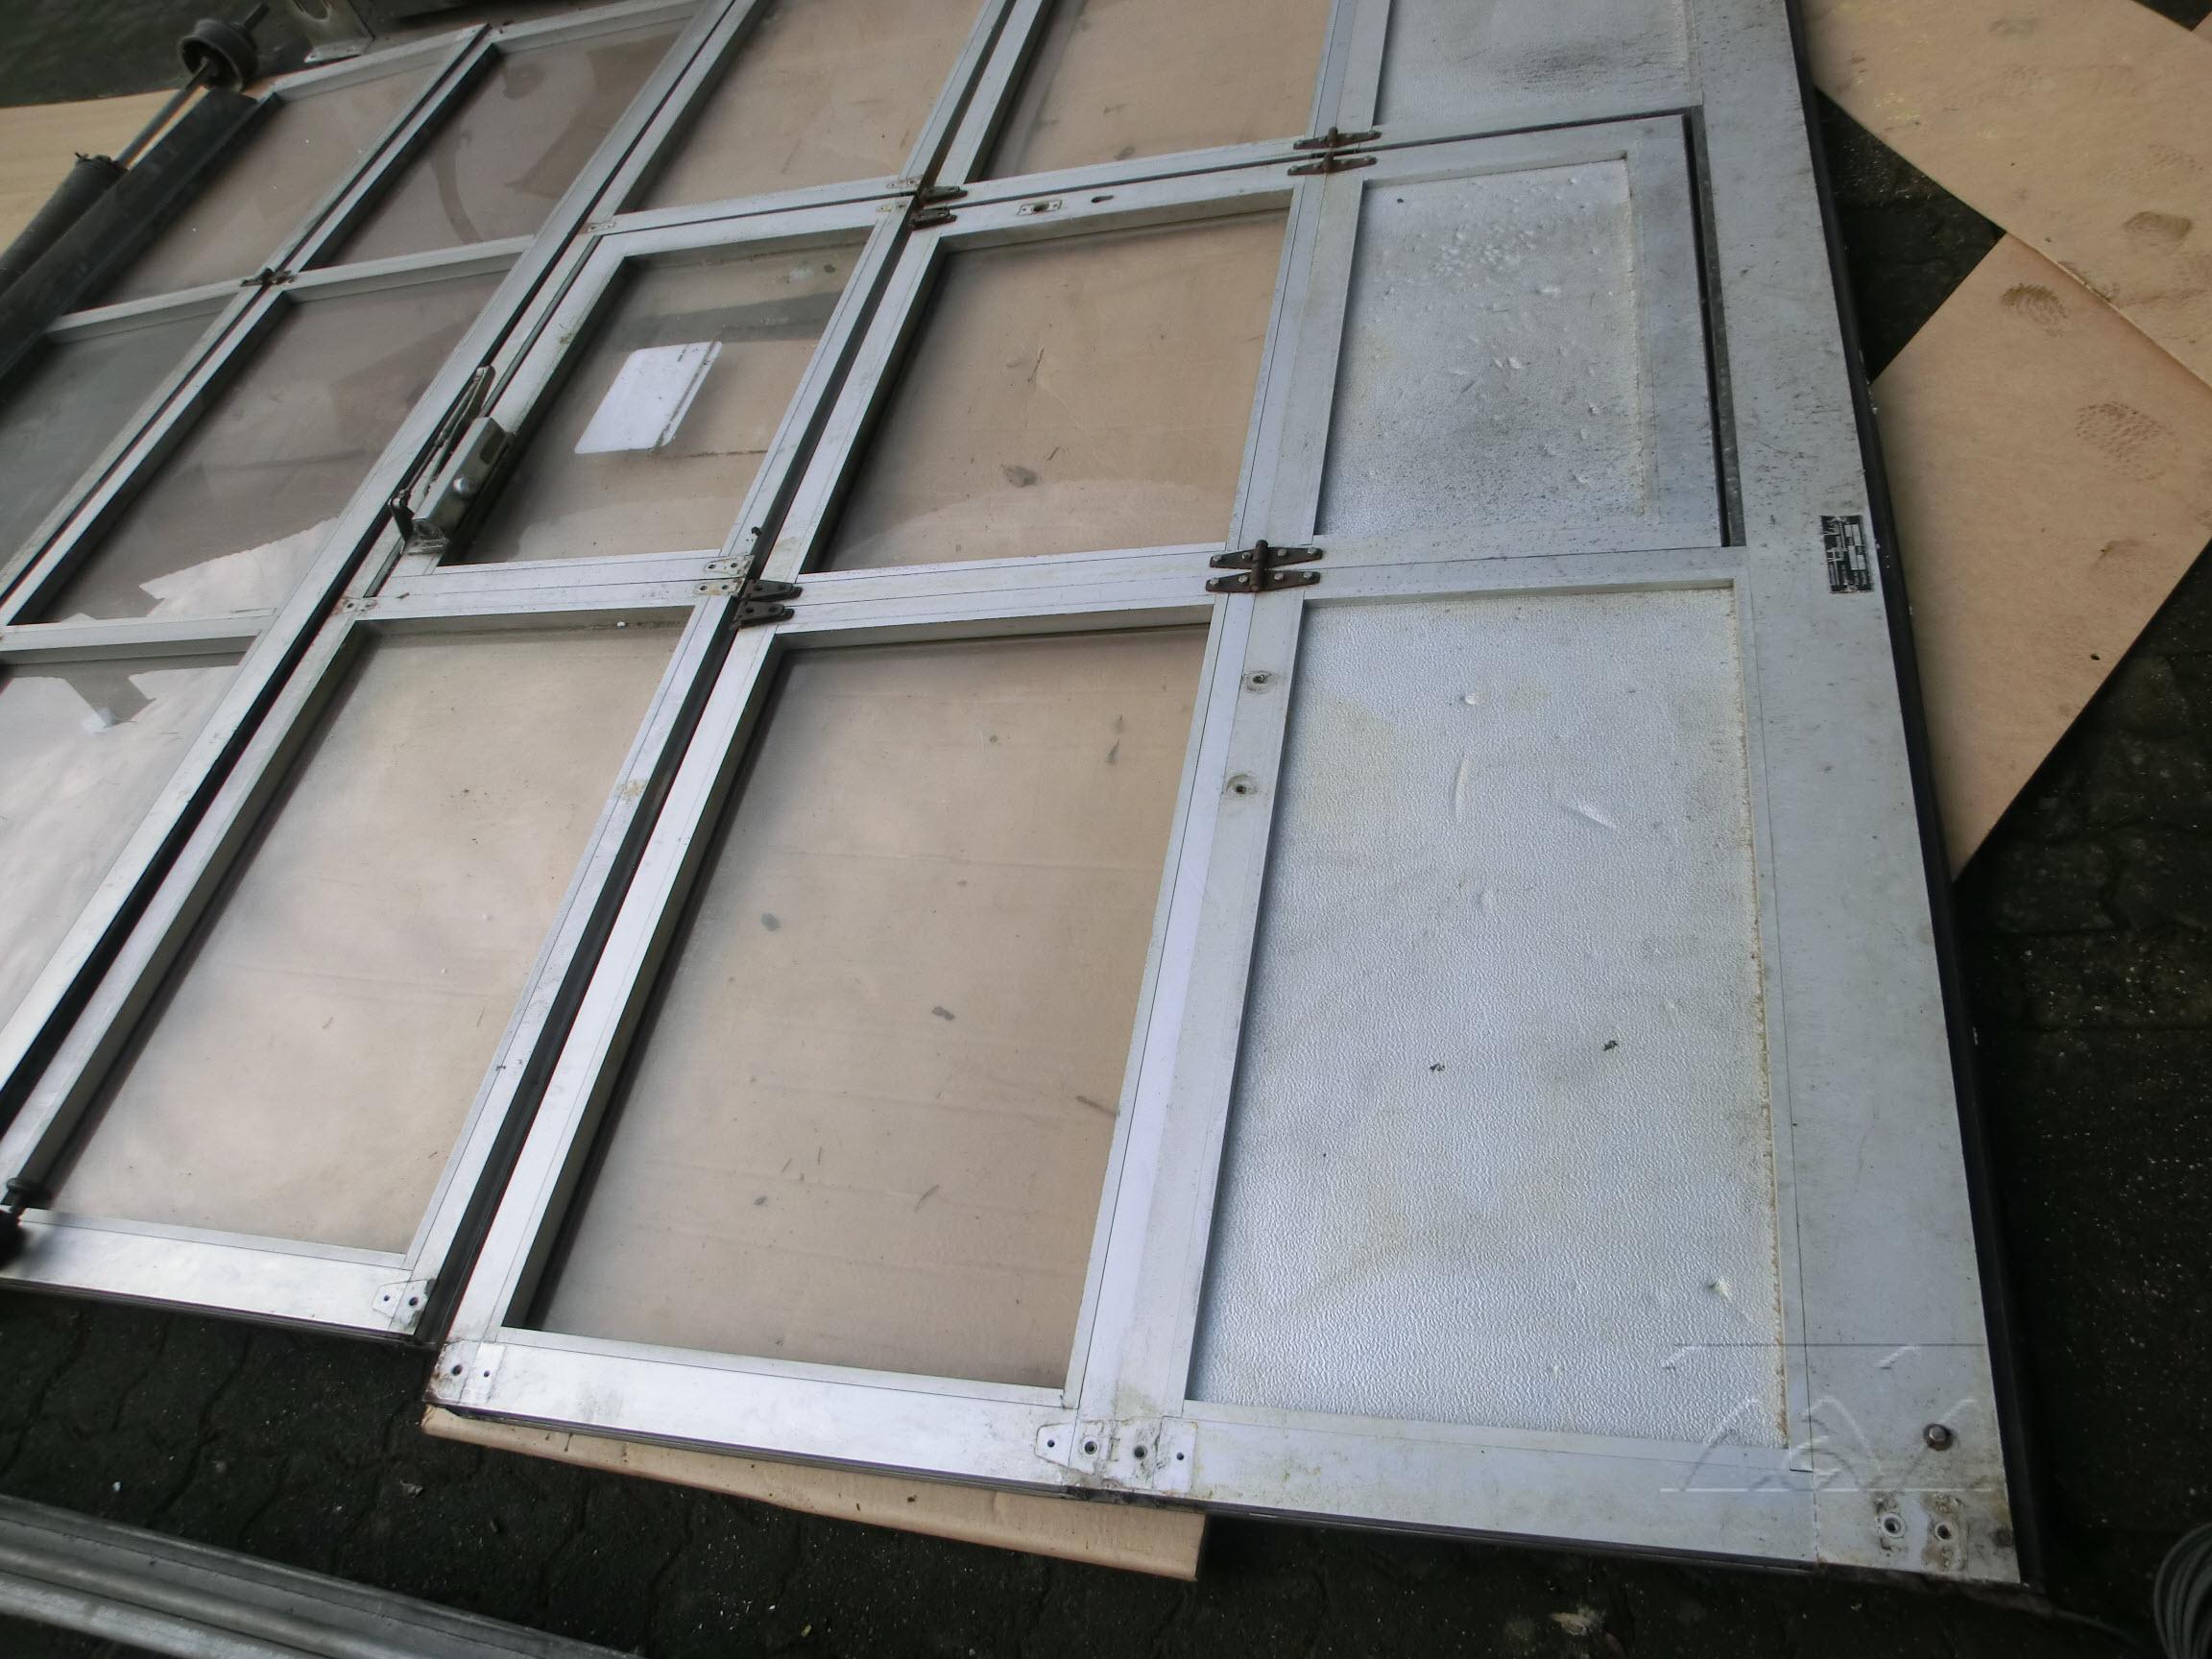 Full Size of Bauhaus Fenster Fensterfolie Sichtschutz Einbauen Lassen Fenstergriff Fensterbank Granit Fensterdichtungsband Fenstergitter Fensterdichtungen Baumarkt Fenster Bauhaus Fenster